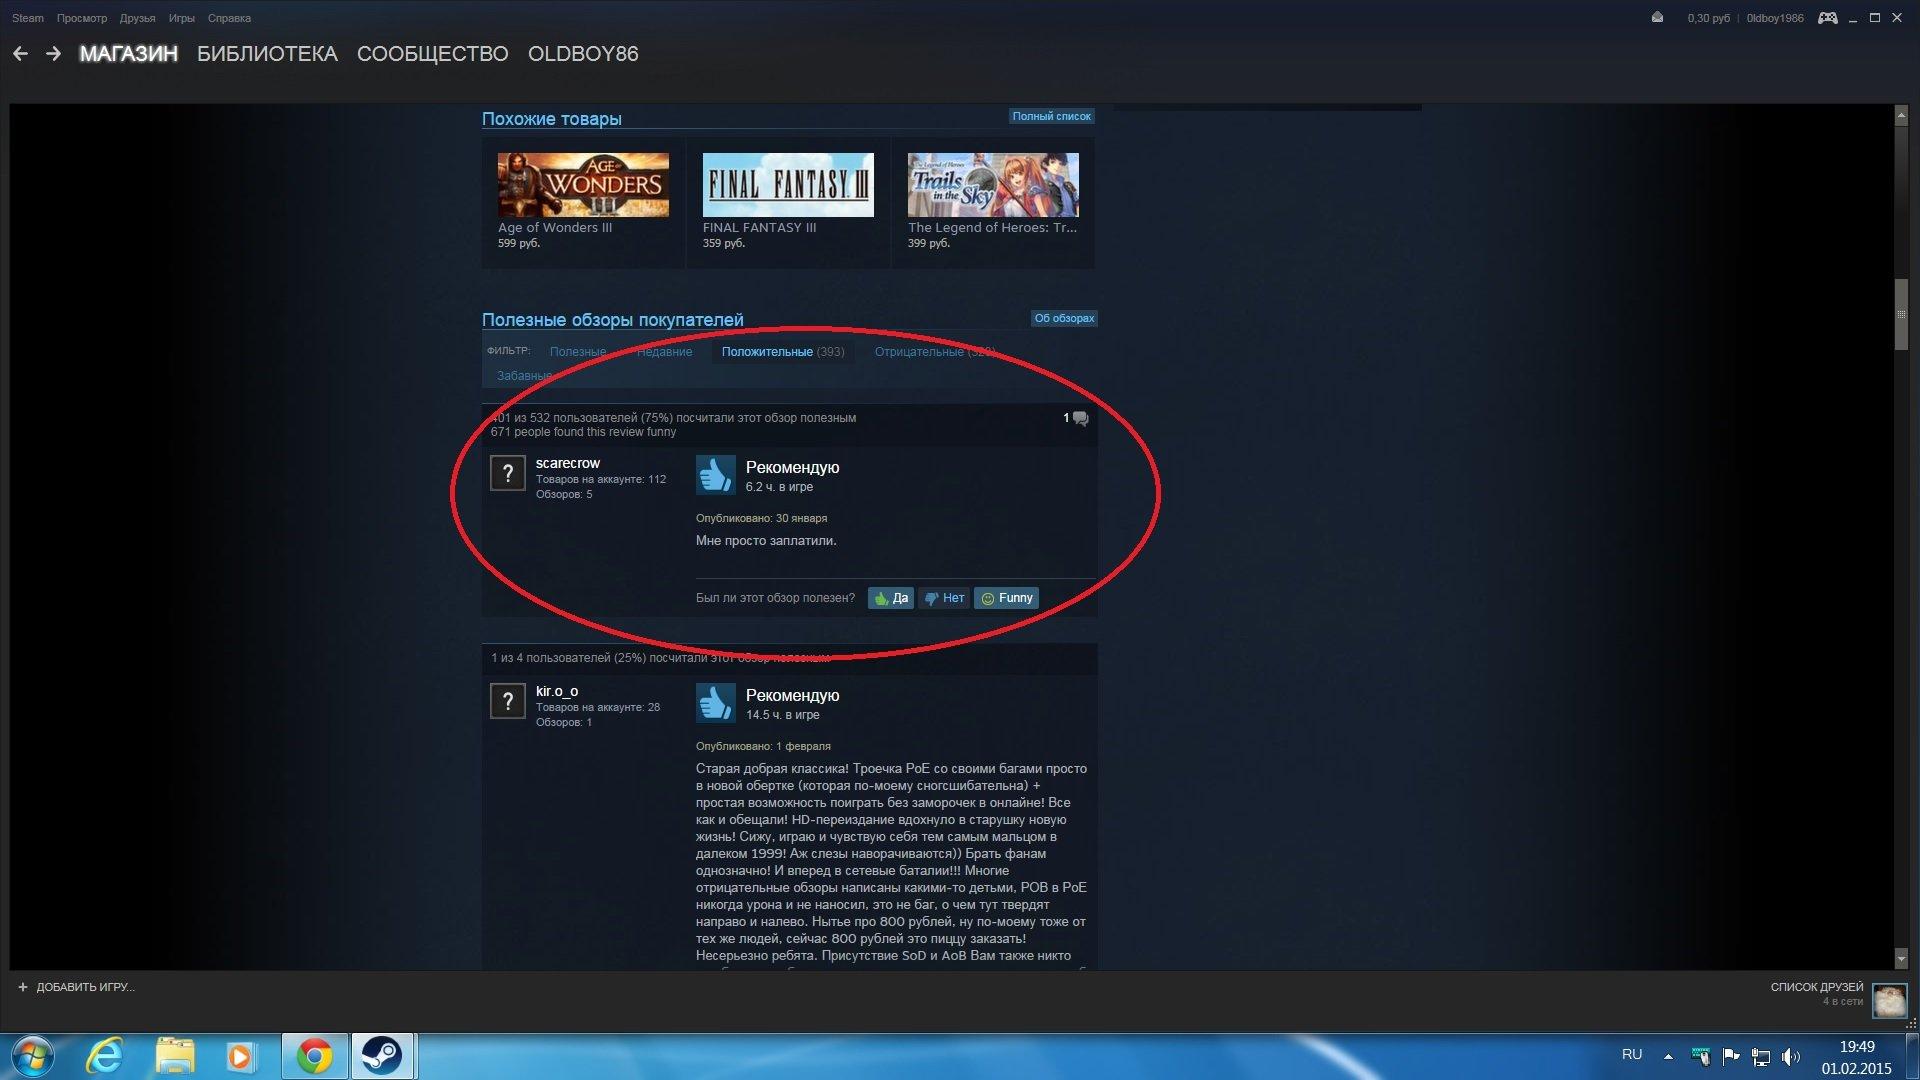 Пожалуй, самый полезный обзор в Steam на переиздание HoMM III. - Изображение 1